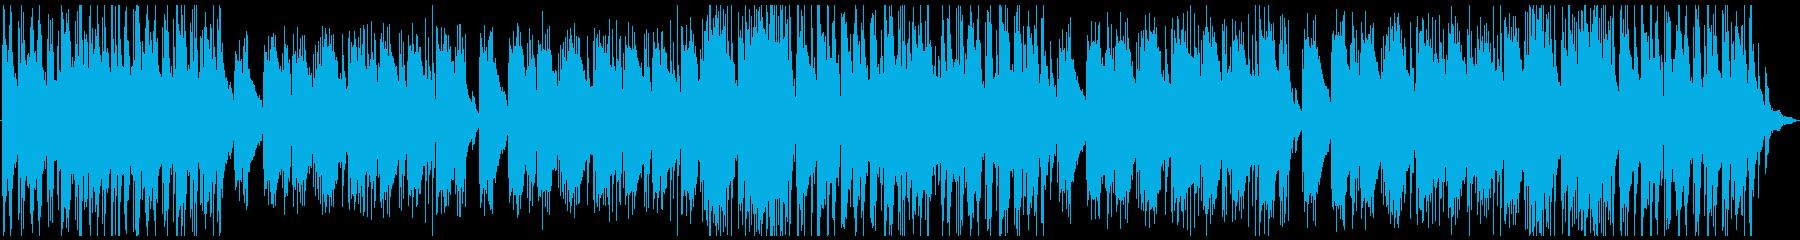 落ち着いた浮遊感のあるピアノBGMの再生済みの波形